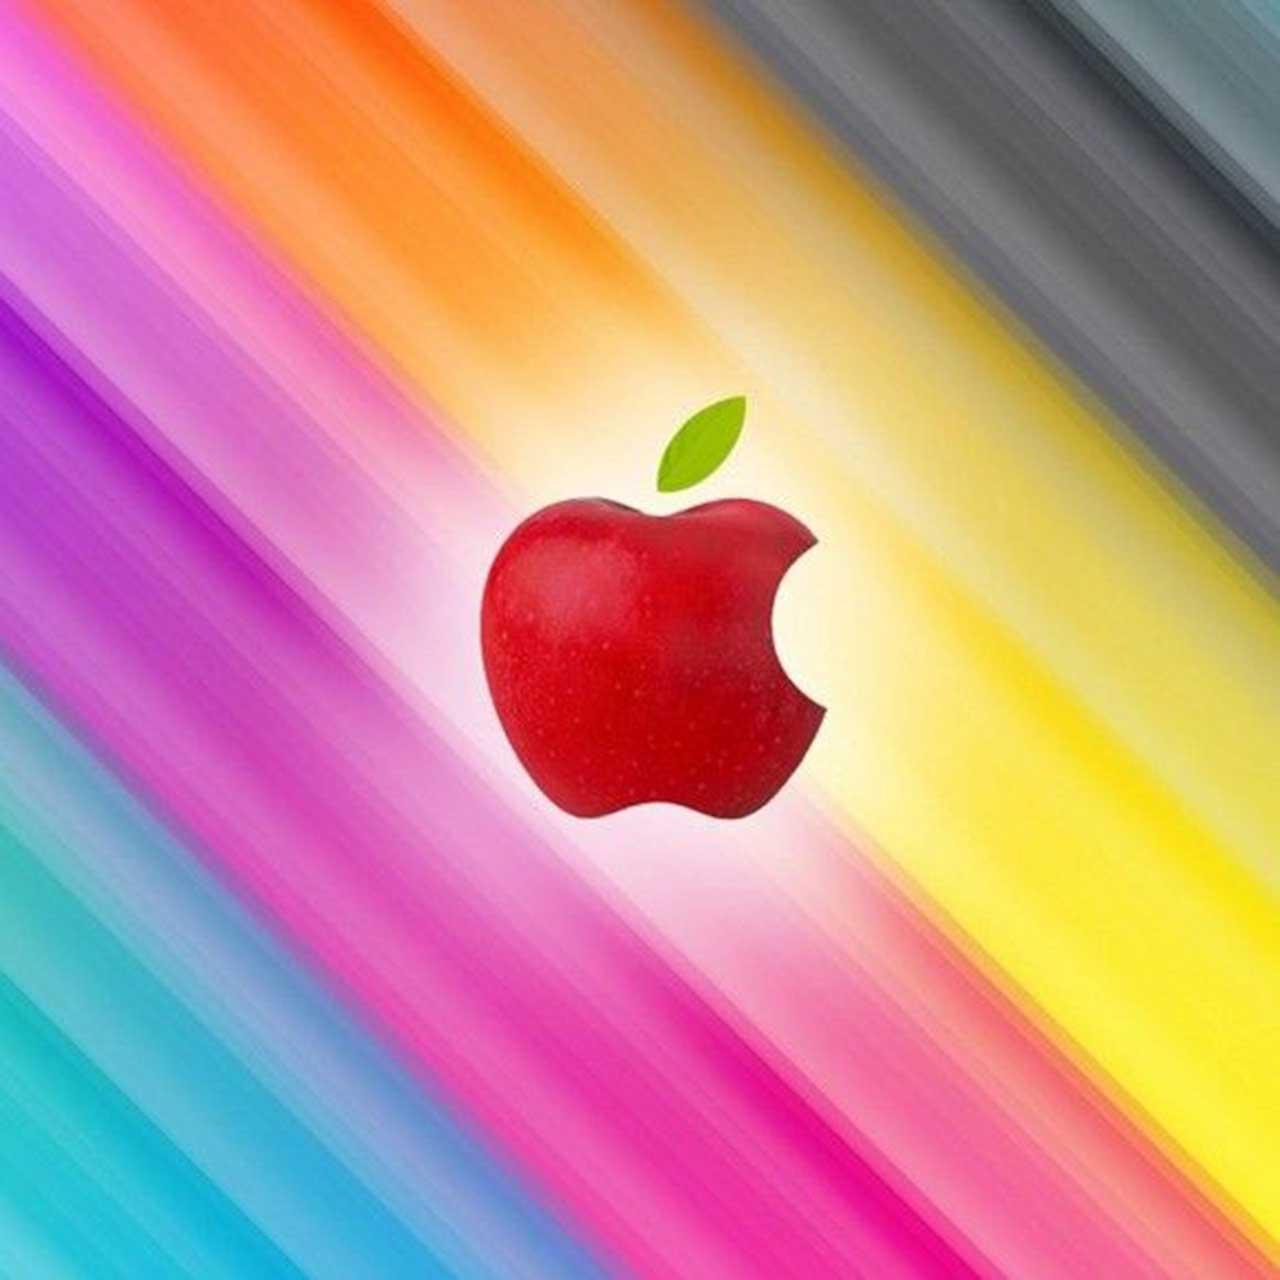 apple logo ipad